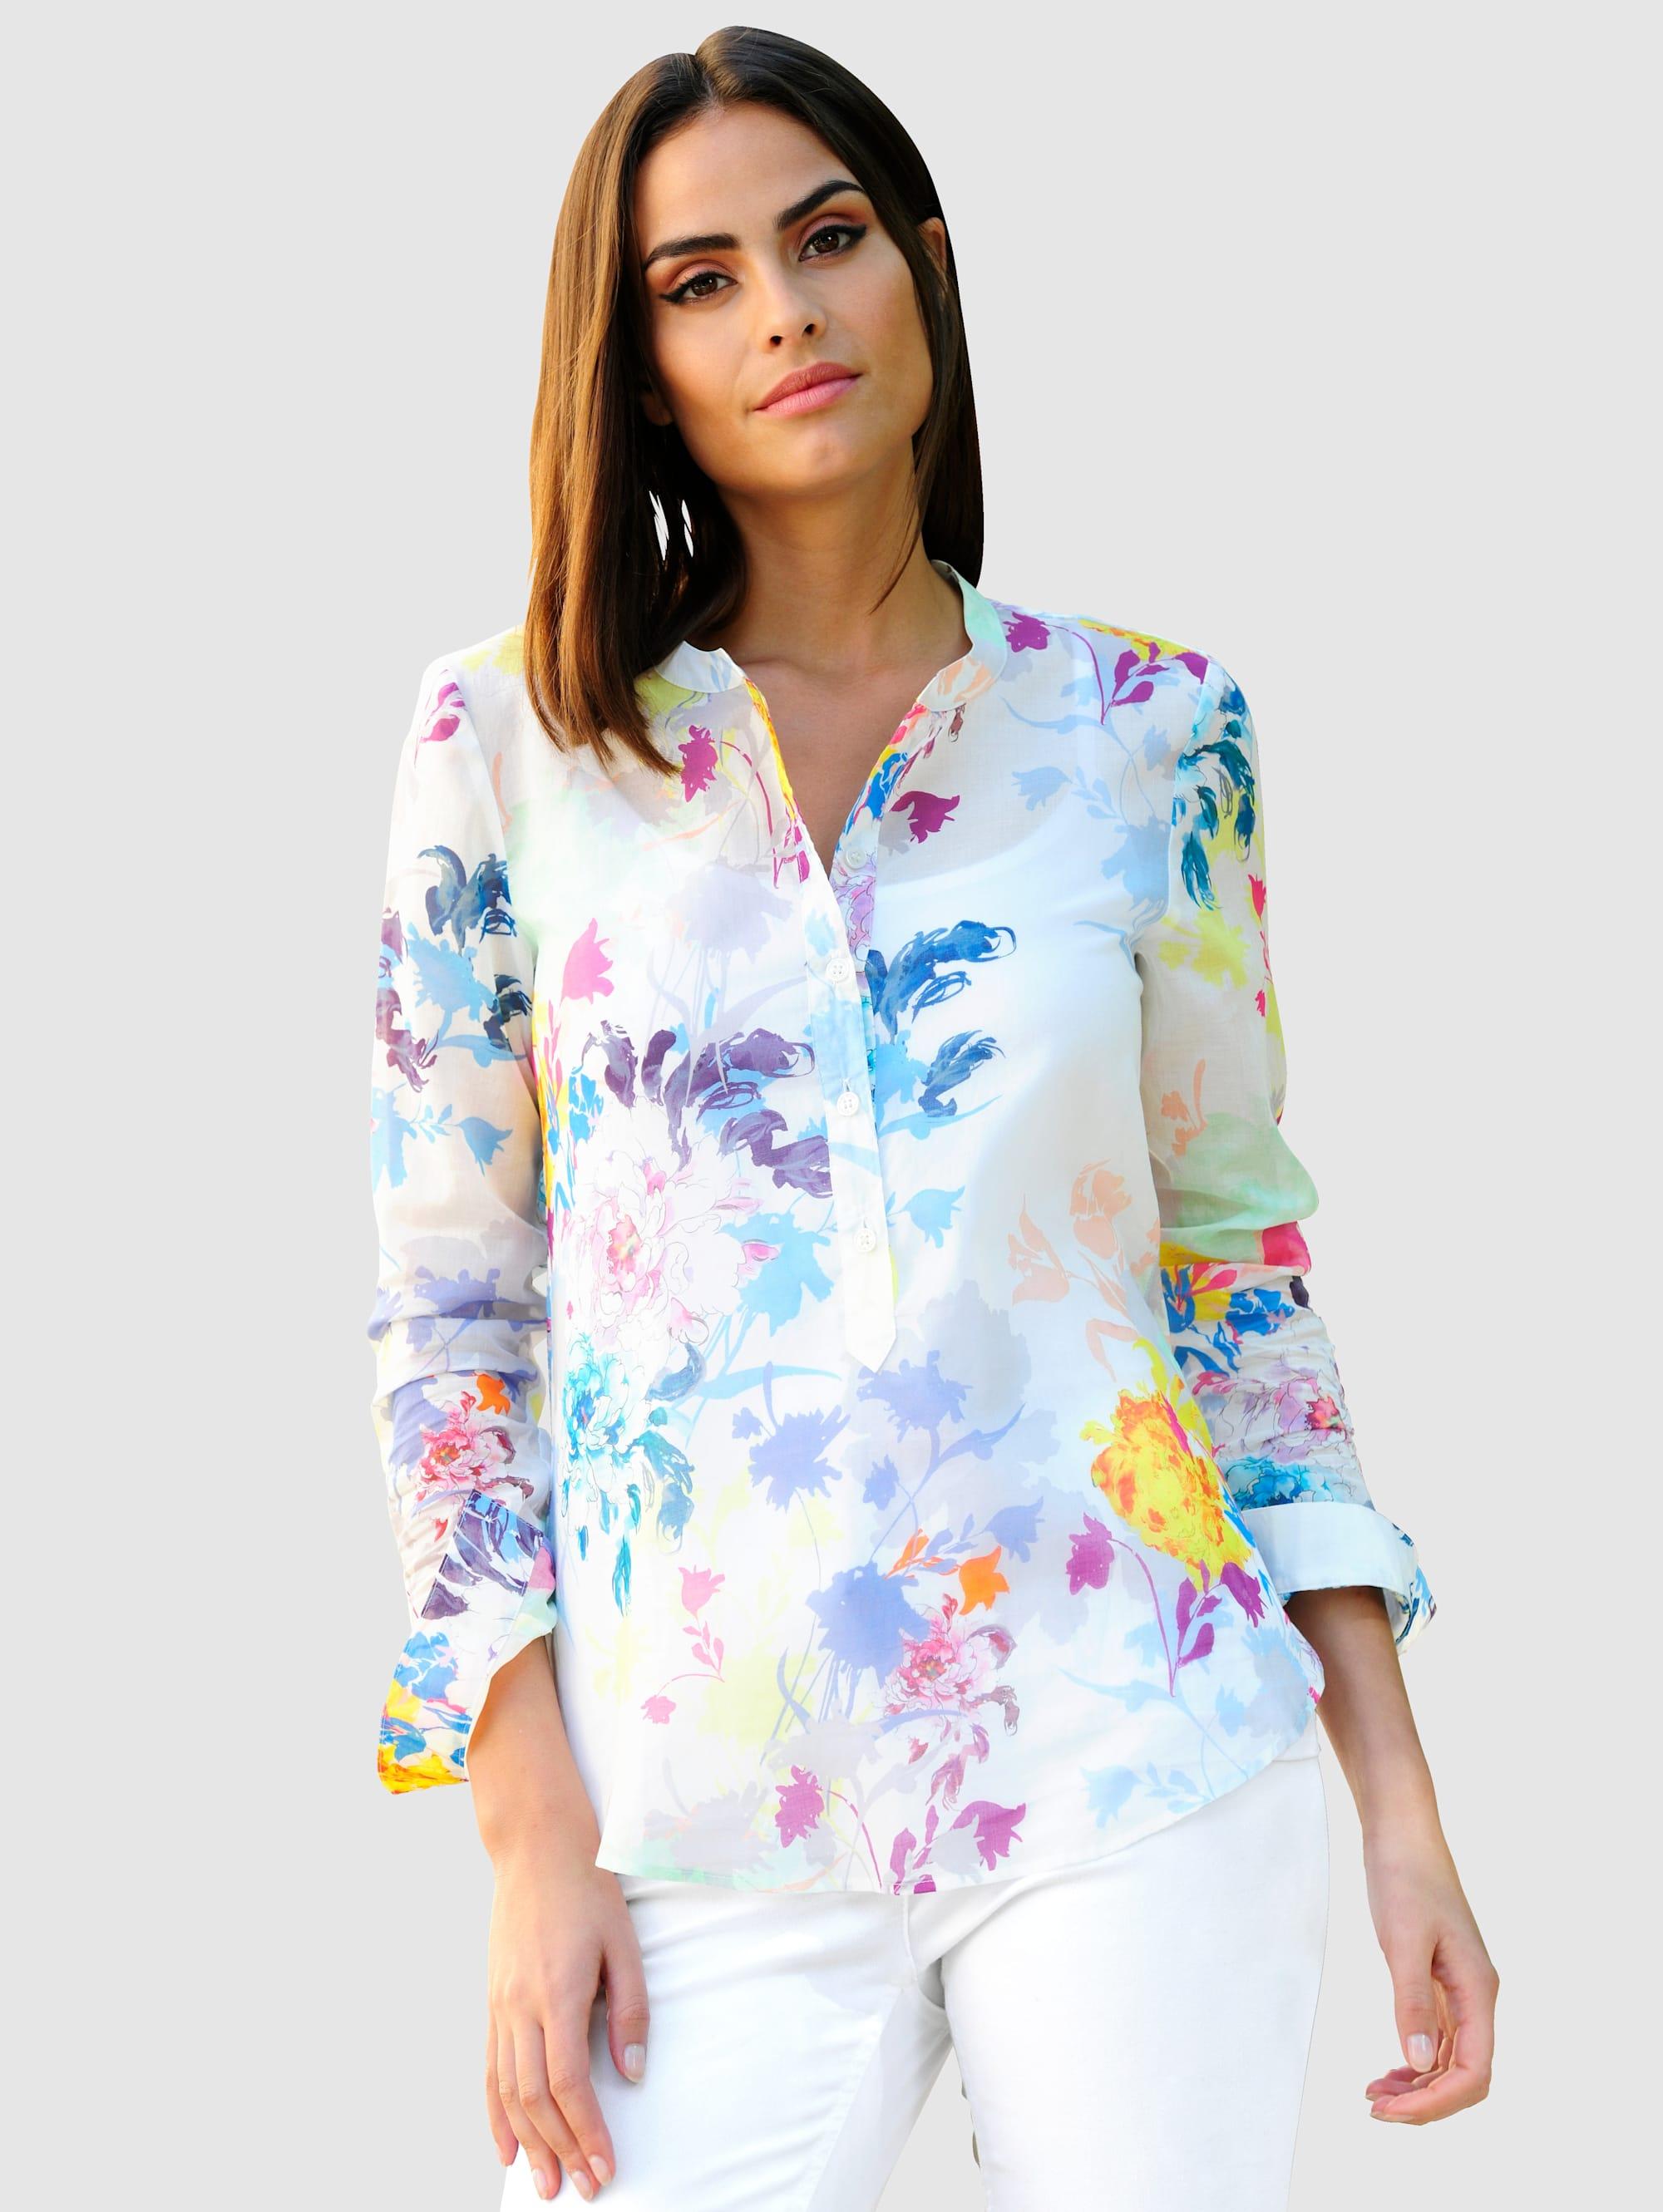 Alba Moda Bluse im farbenfrohen Blütendessin NMih8 6ePCV